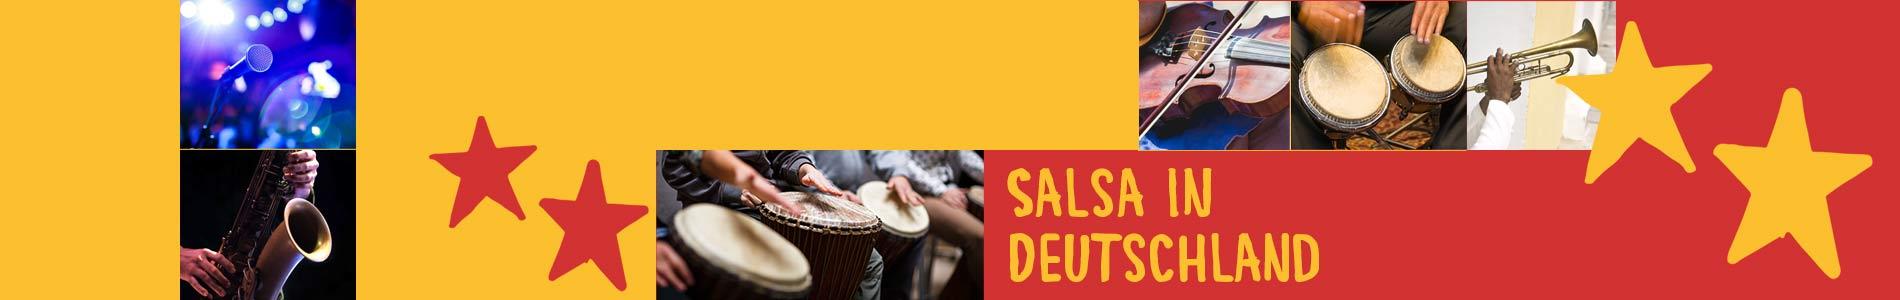 Salsa in Bruttig-Fankel – Salsa lernen und tanzen, Tanzkurse, Partys, Veranstaltungen